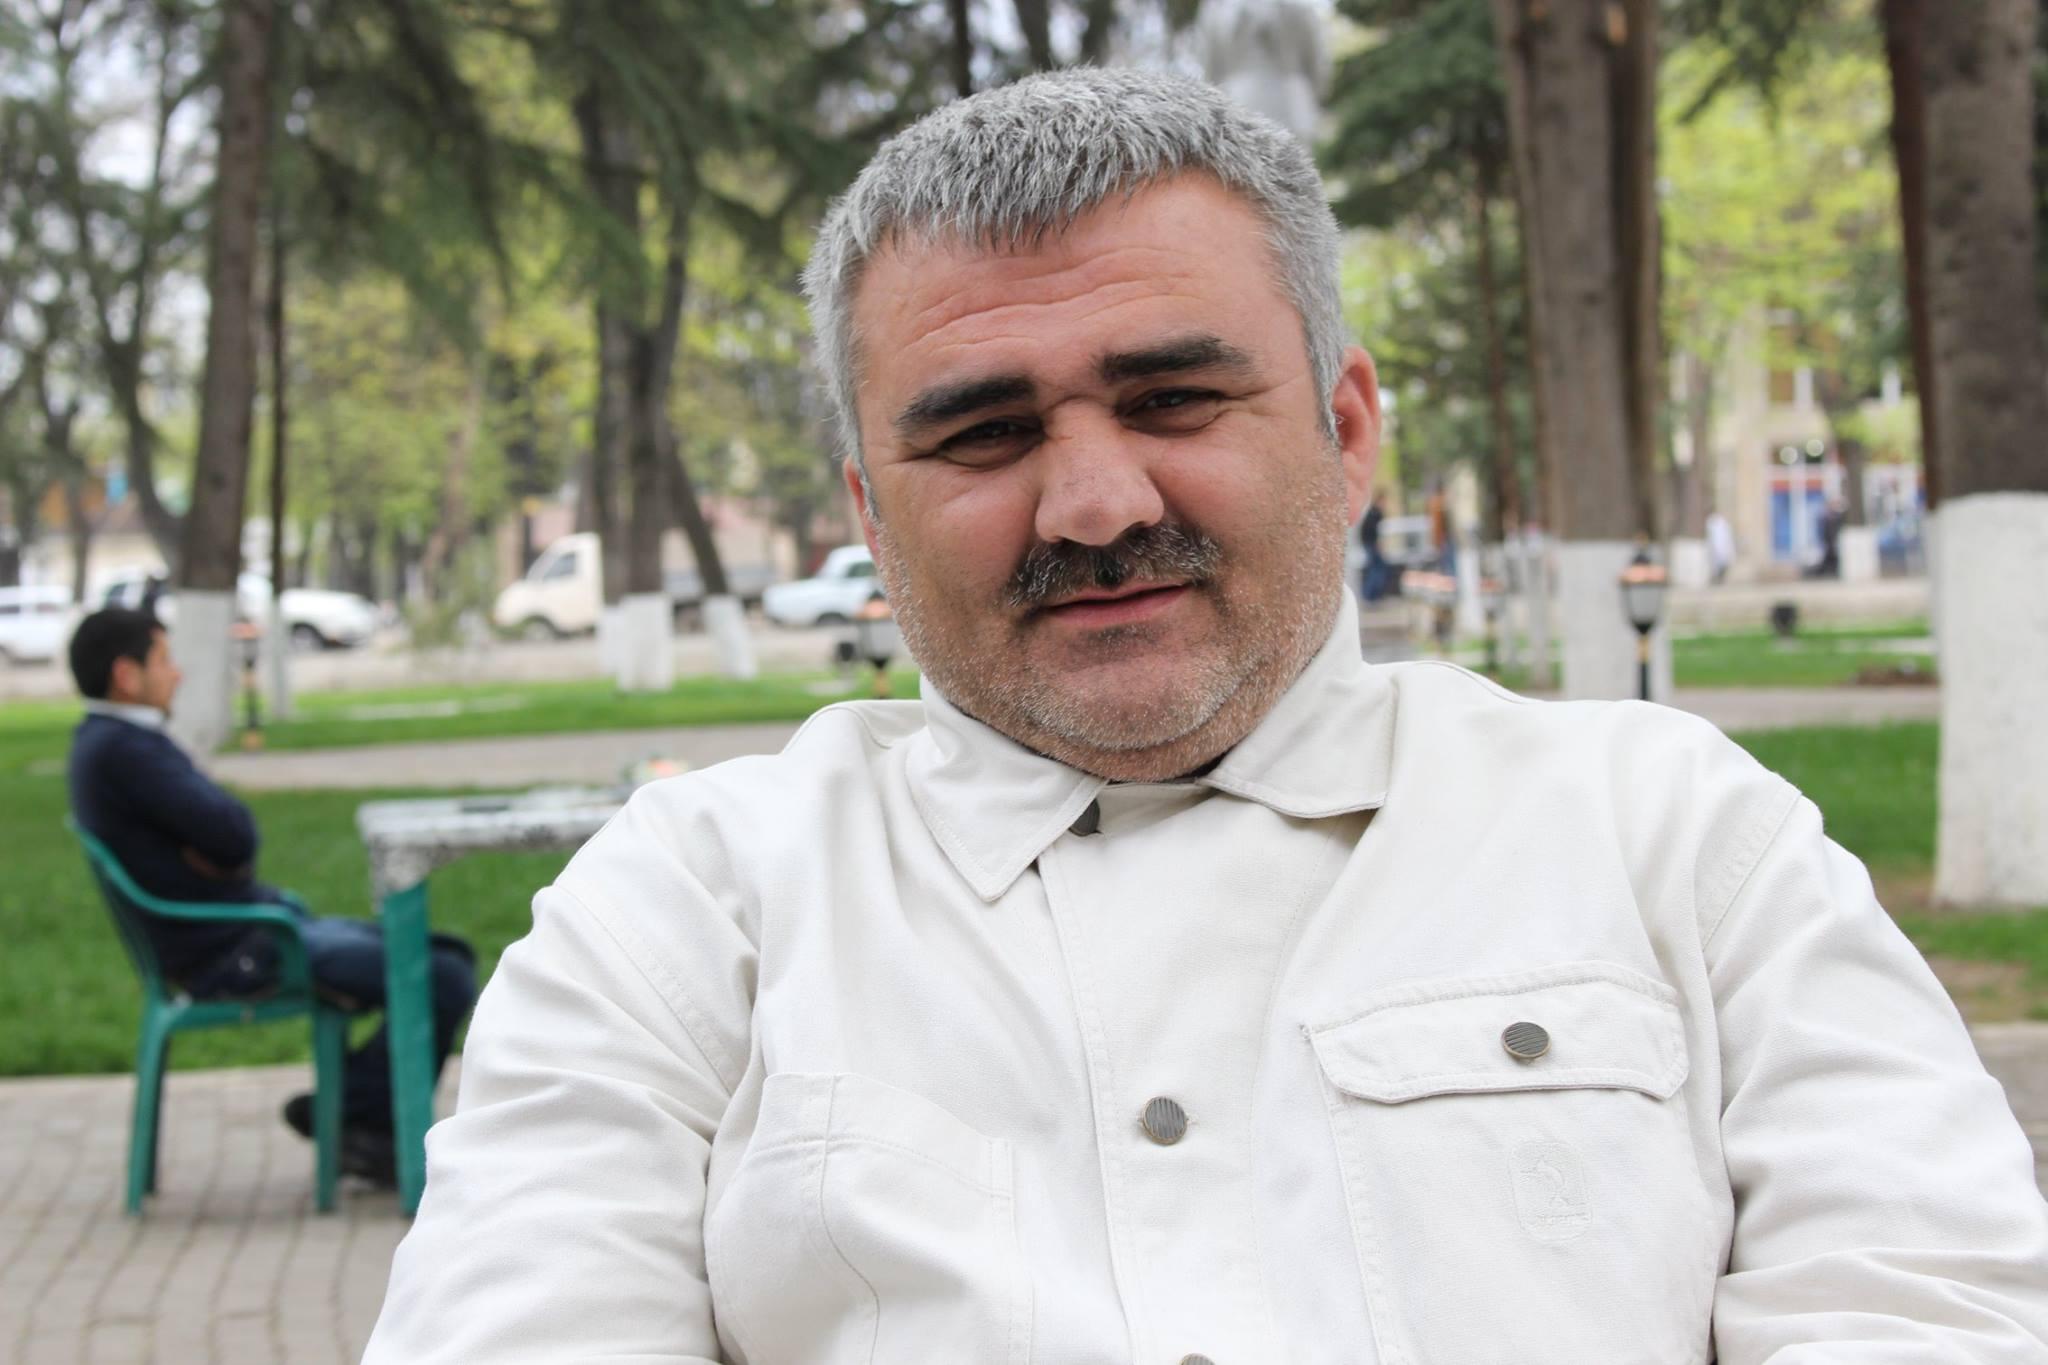 Mukhtarli 3 Квирикашвили Квирикашвили